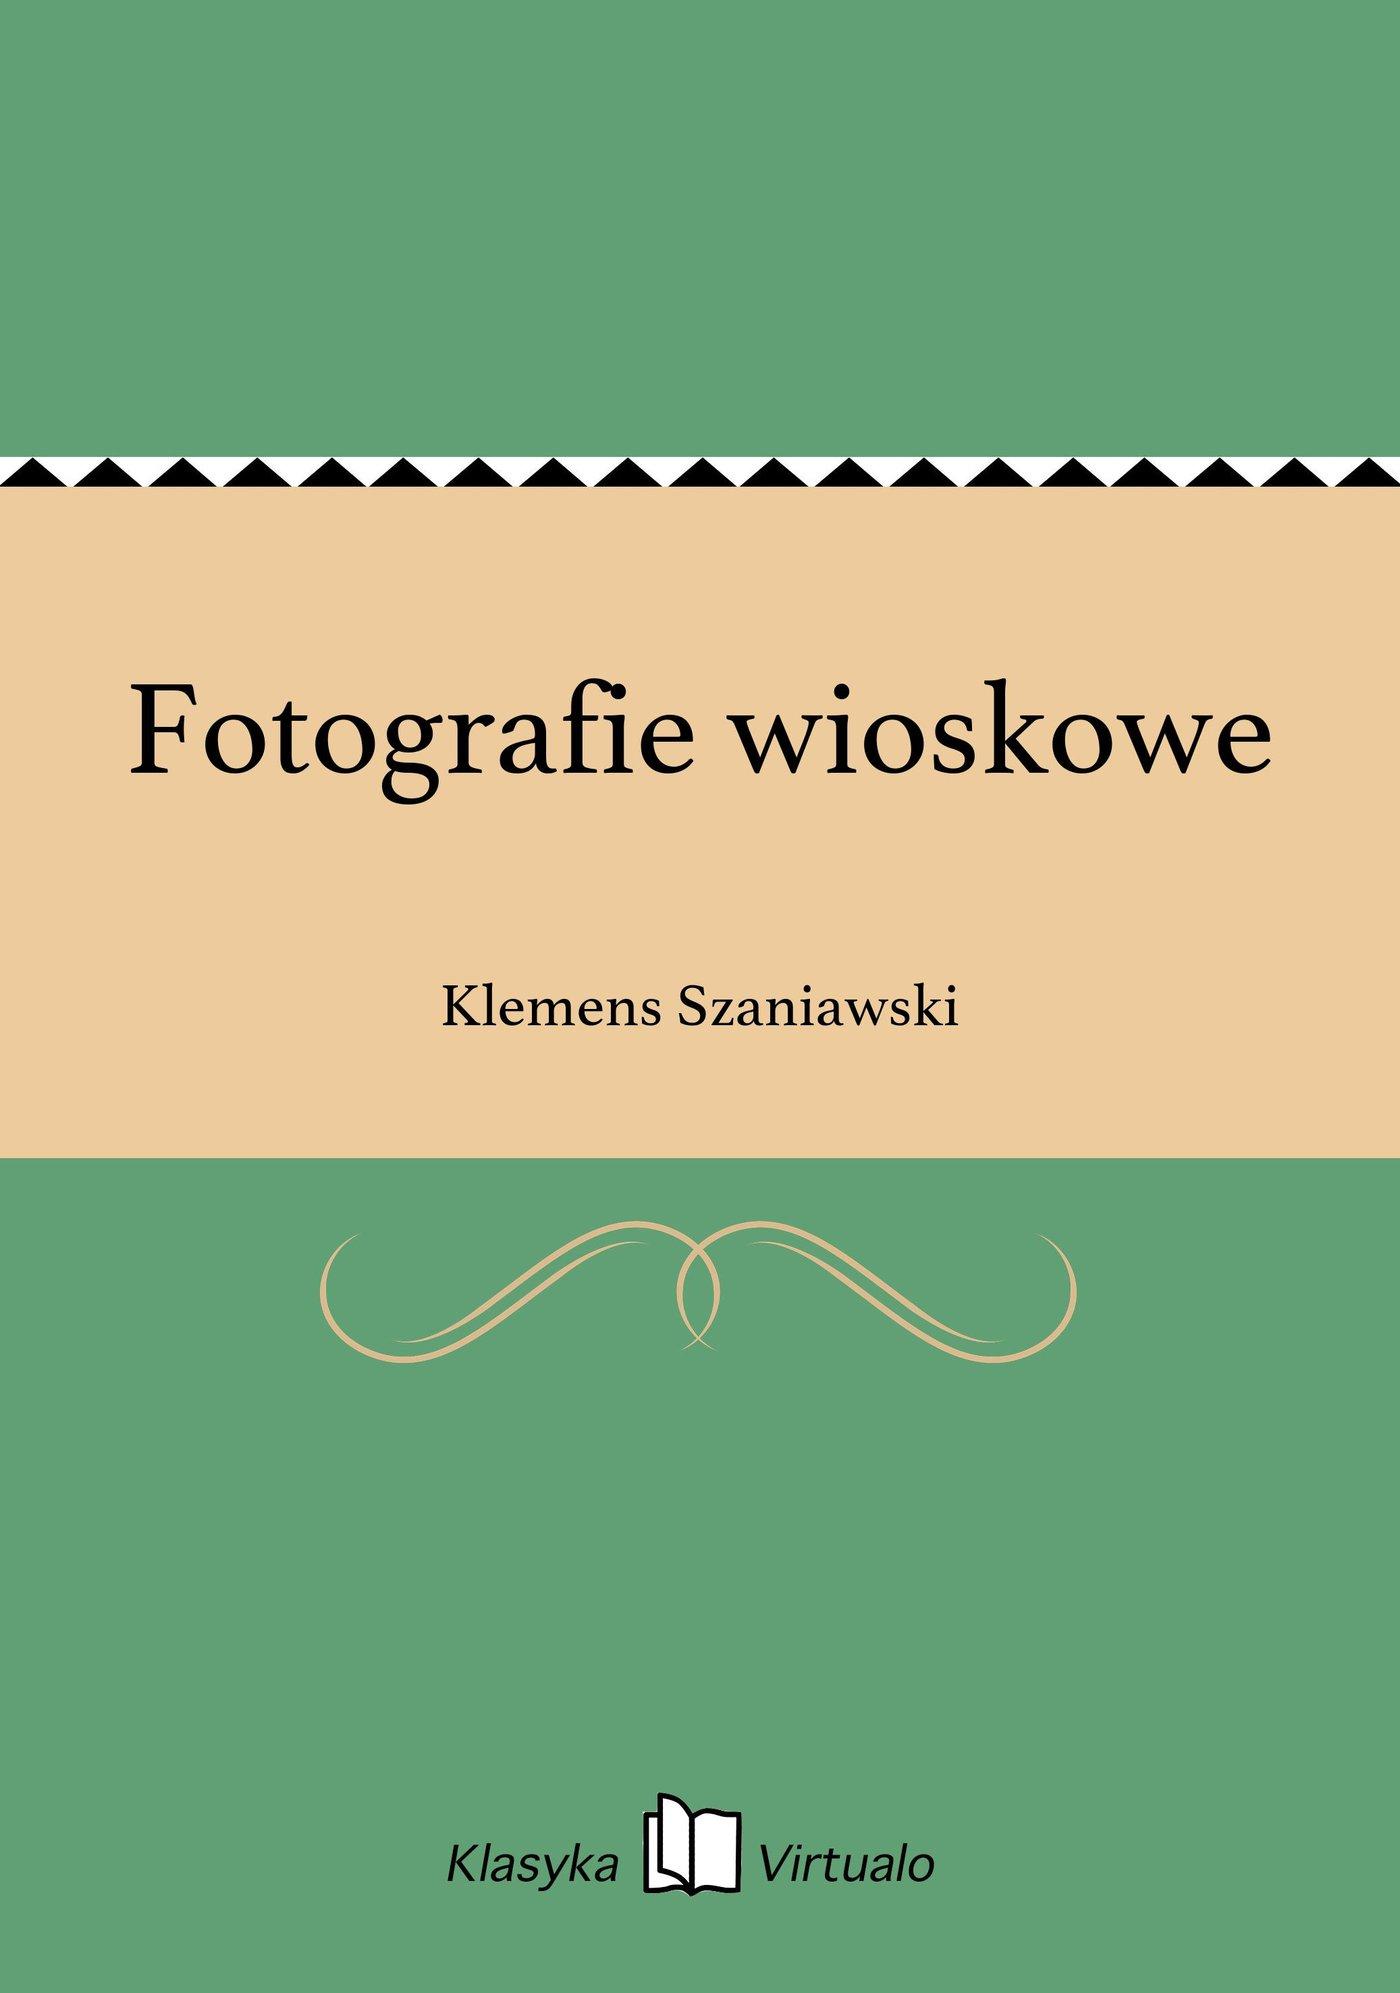 Fotografie wioskowe - Ebook (Książka EPUB) do pobrania w formacie EPUB